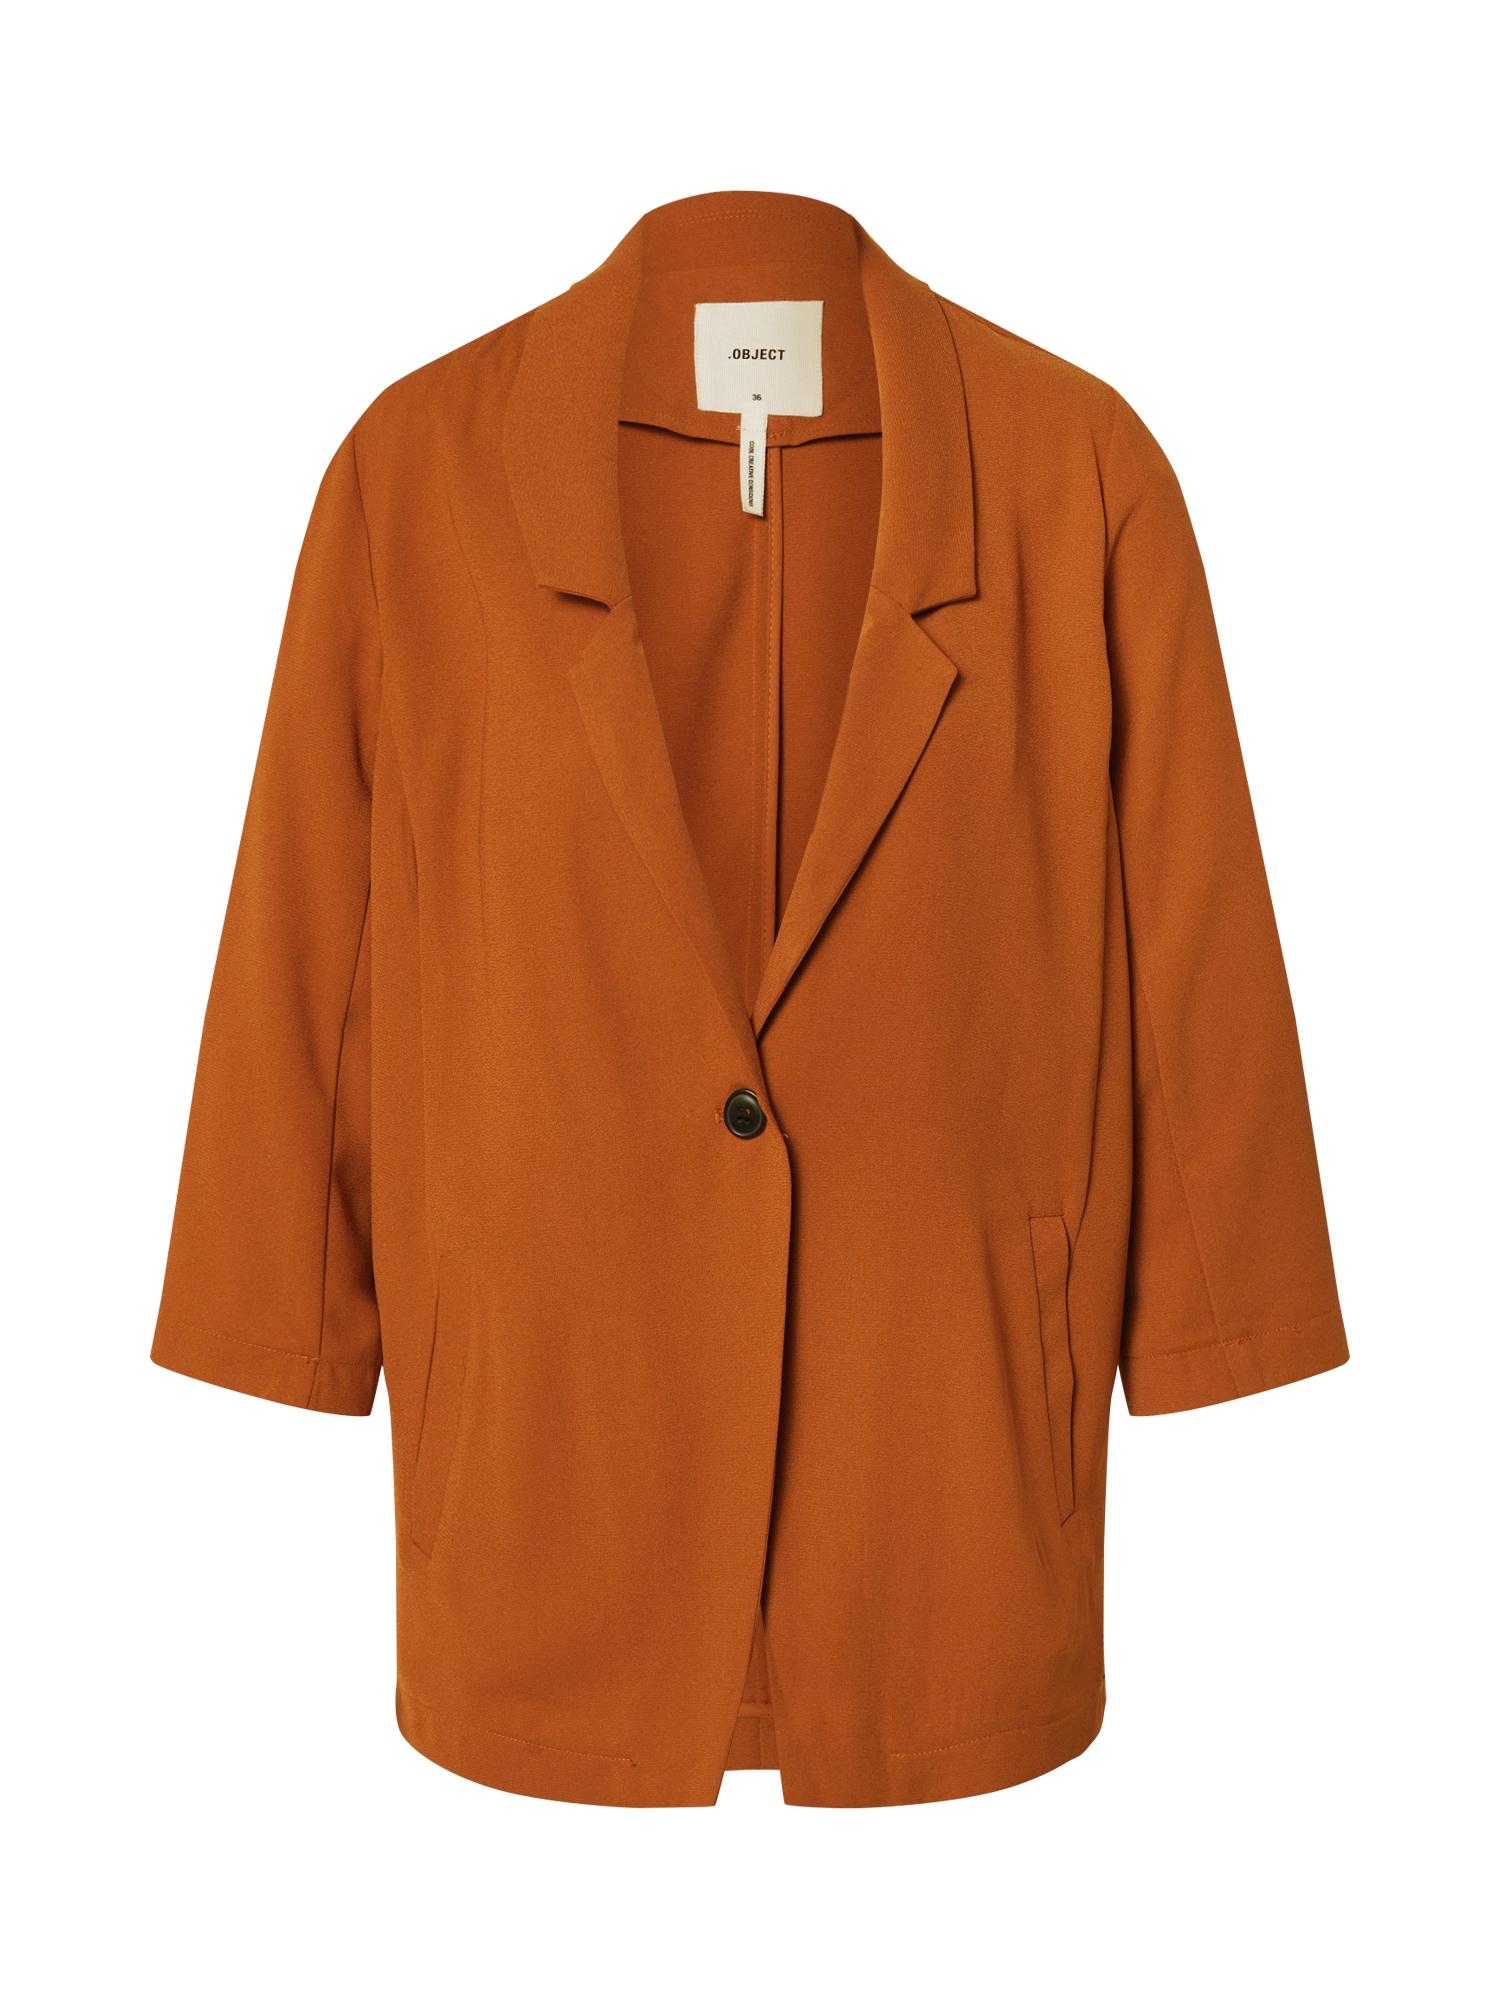 OBJECT Blejzr 'Blazer'  oranžová / oranžově červená